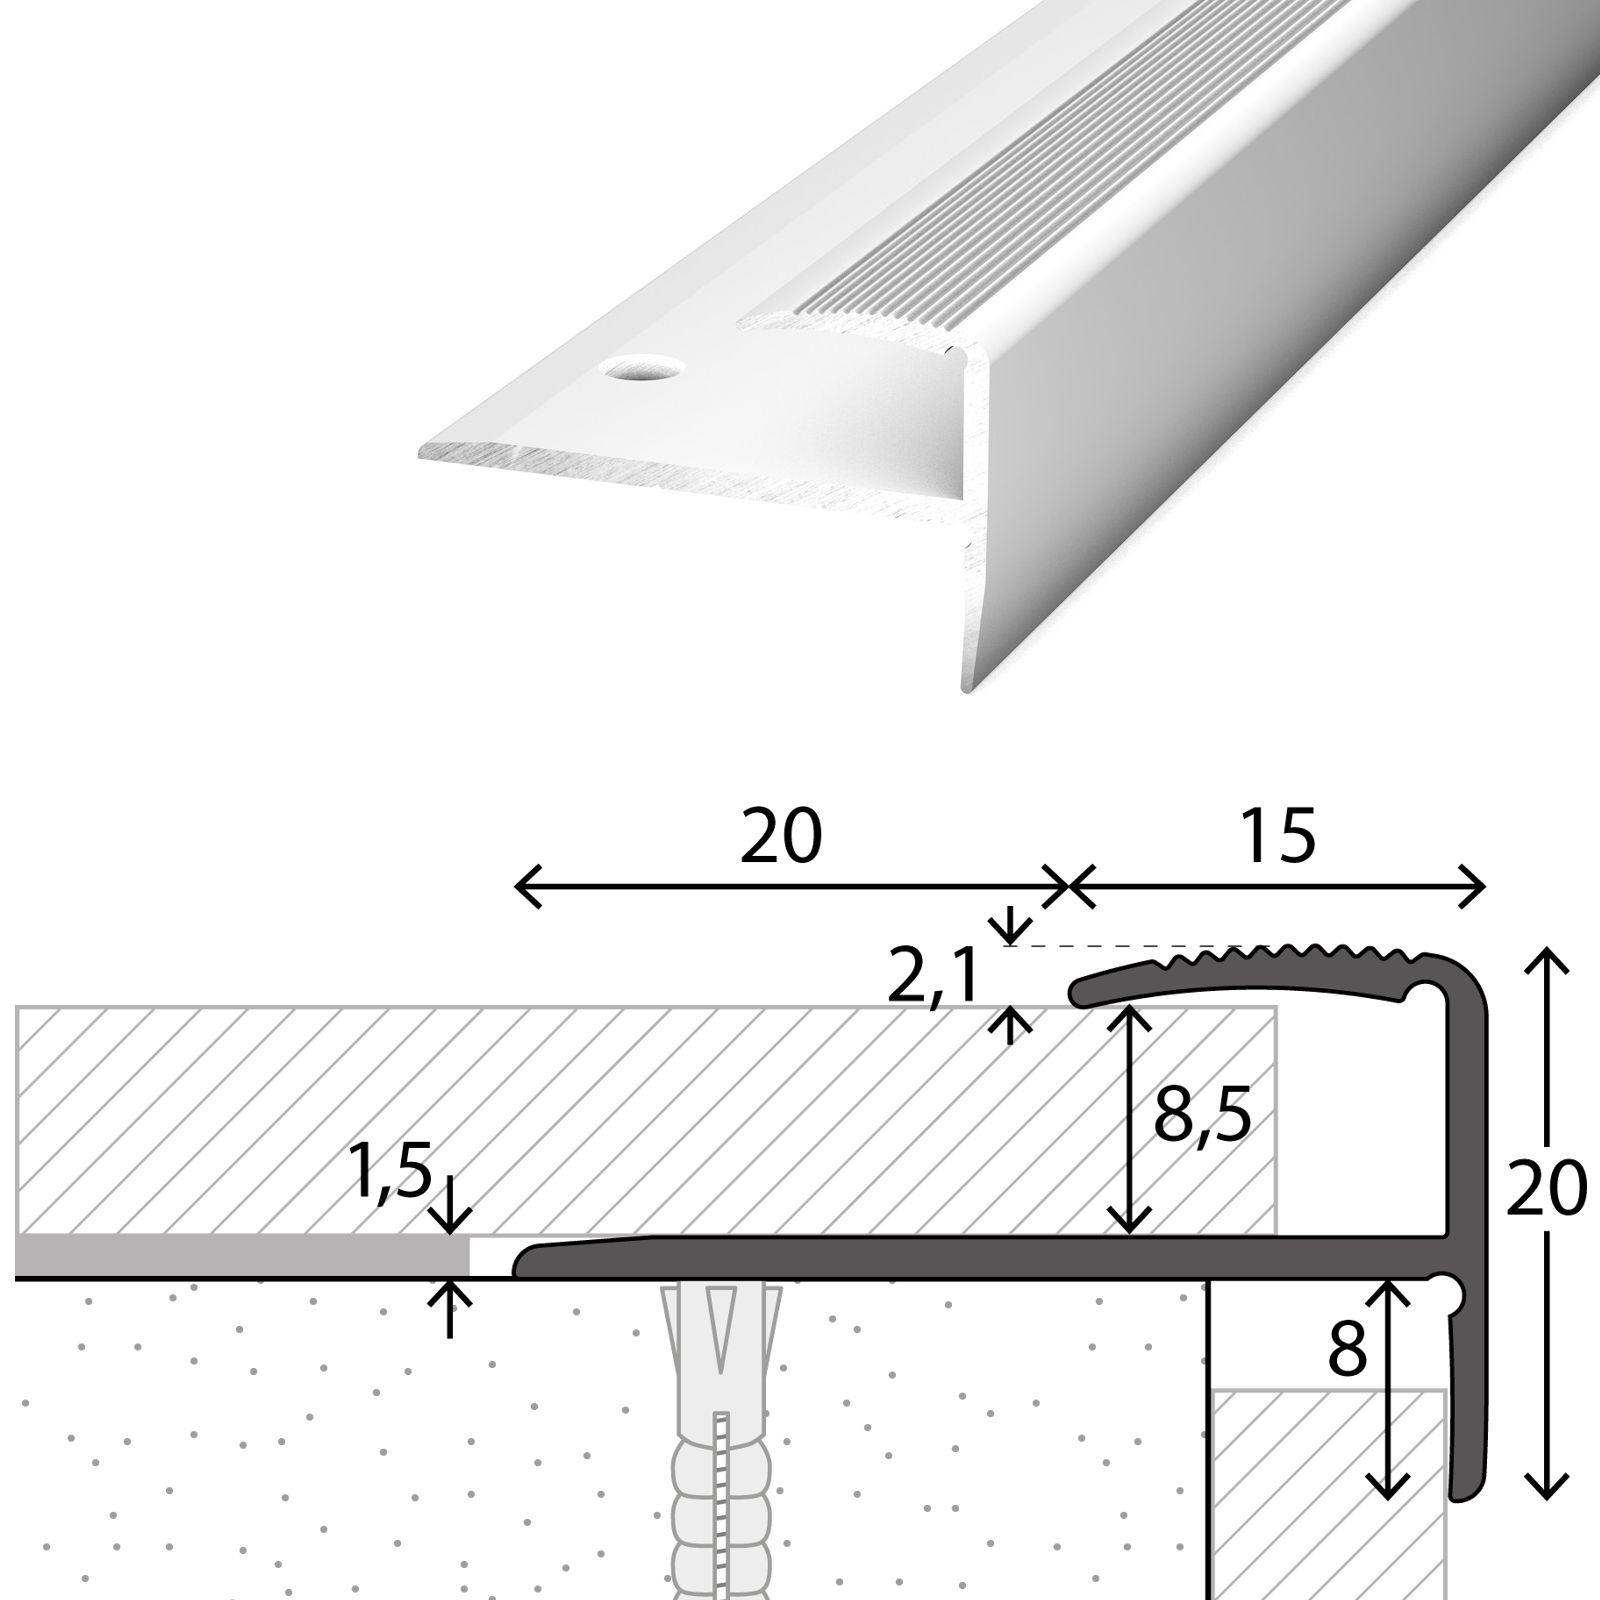 Garage 2,2 mm St/ärke Flachnoppen PVC Bodenbelag | viele Farben /& Gr/ö/ßen gewerbliche R/äume uvm rutschhemmender Belag f/ür B/öden in Werkstatt grau - 120x200 cm